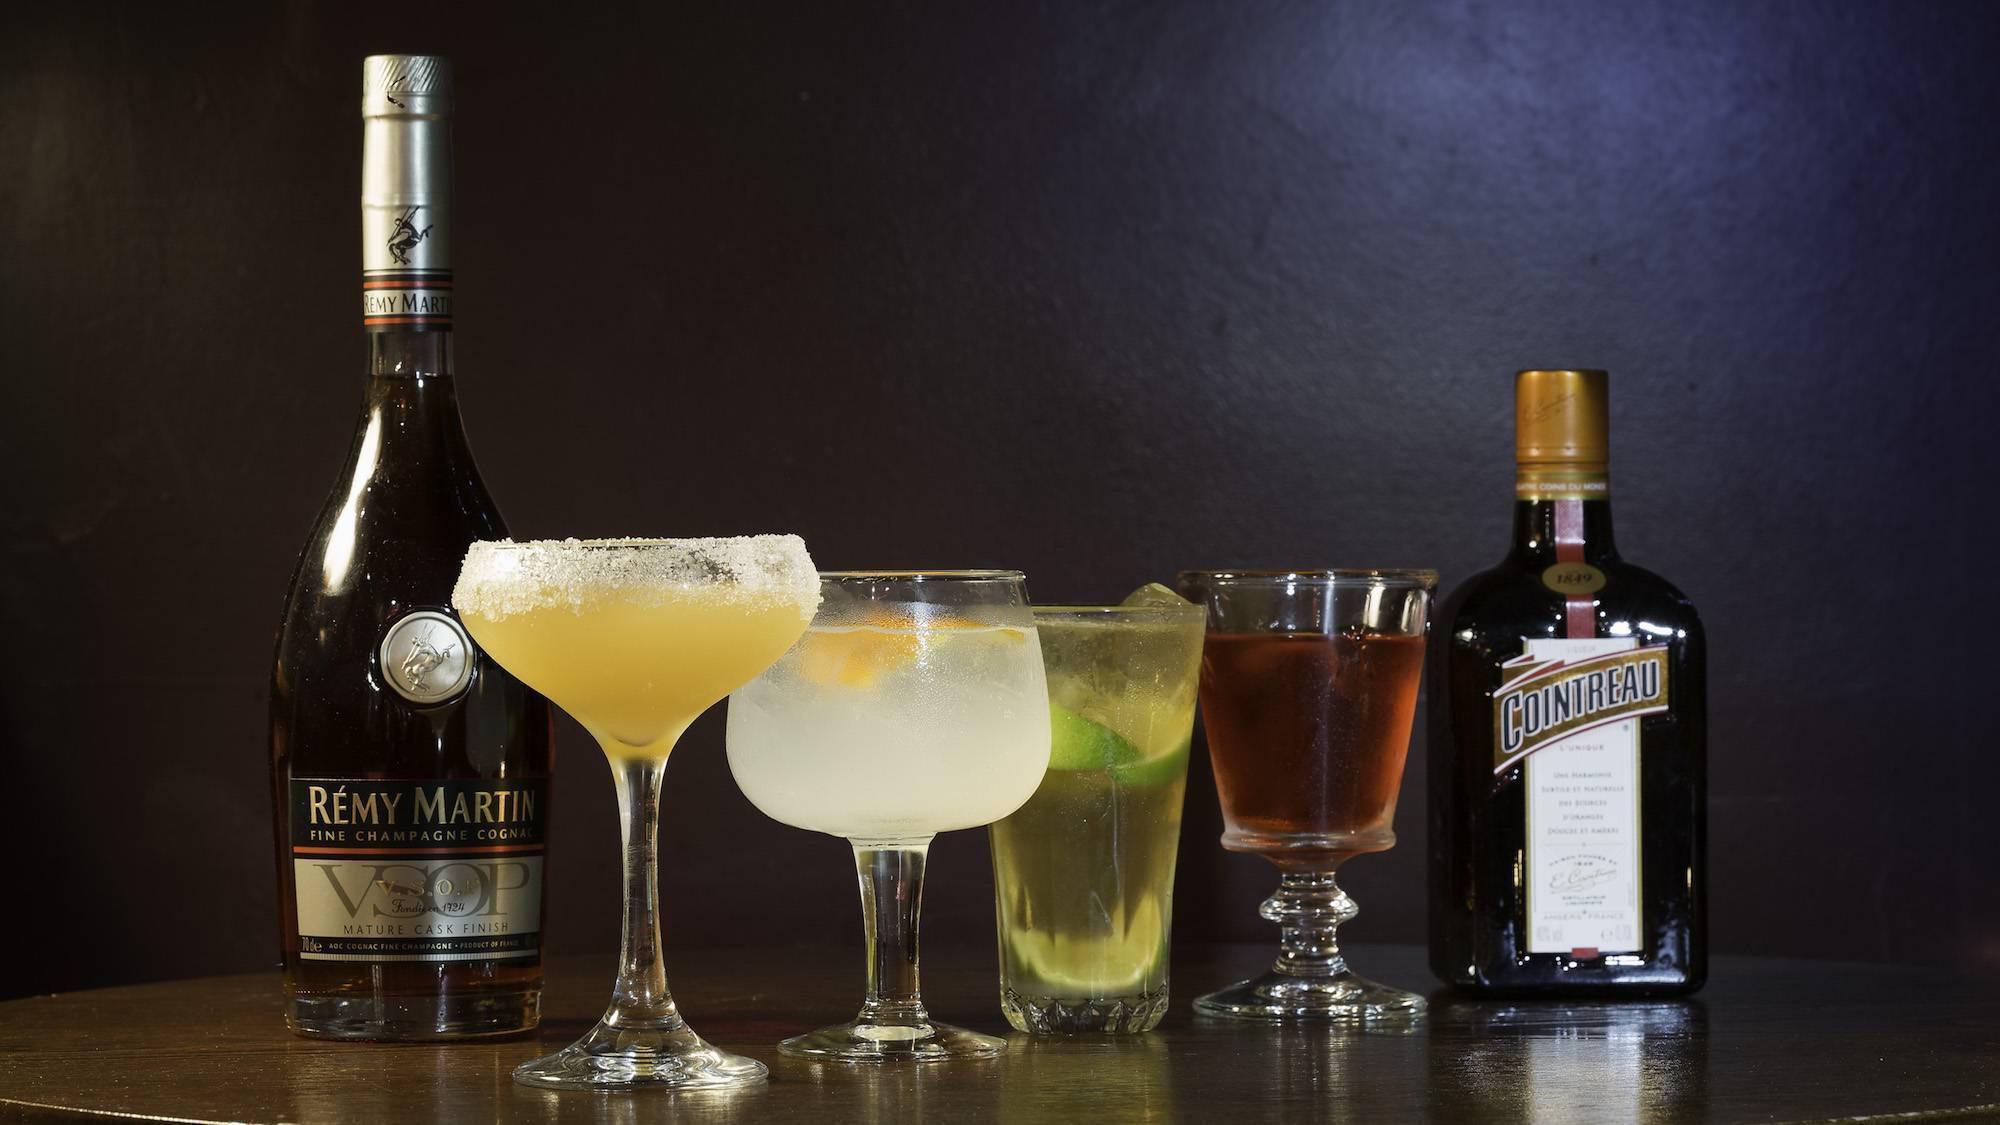 Коктейли с бейлисом: простые рецепты приготовления напитков на основе ликера с добавлением виски, рома, водки и других ингредиентов в домашних условиях